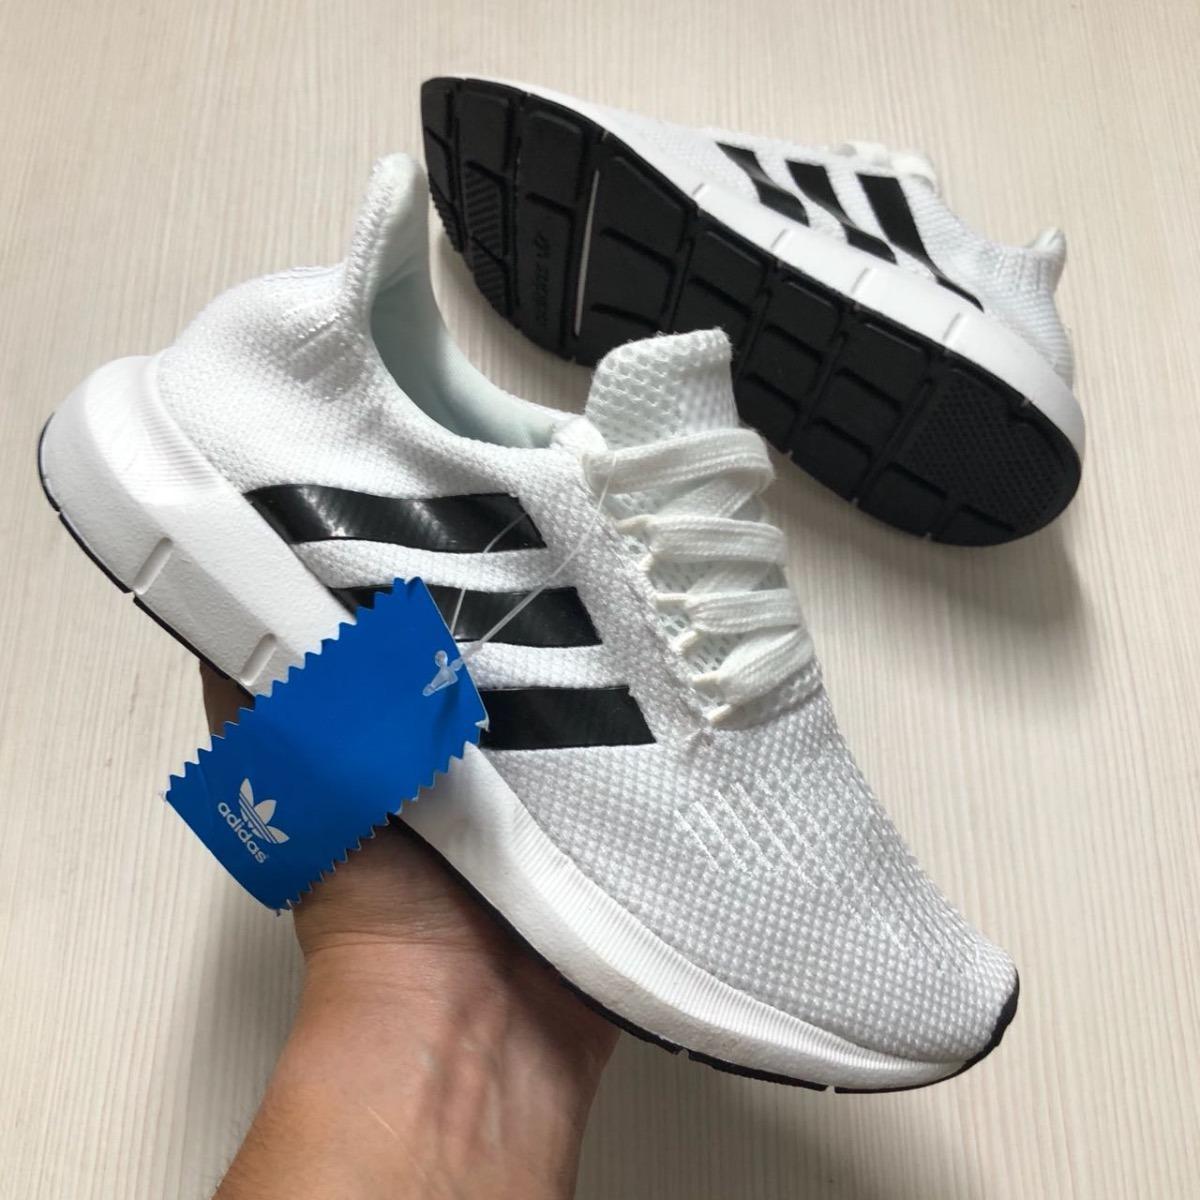 zapatillas adidas blancas y negras mujer